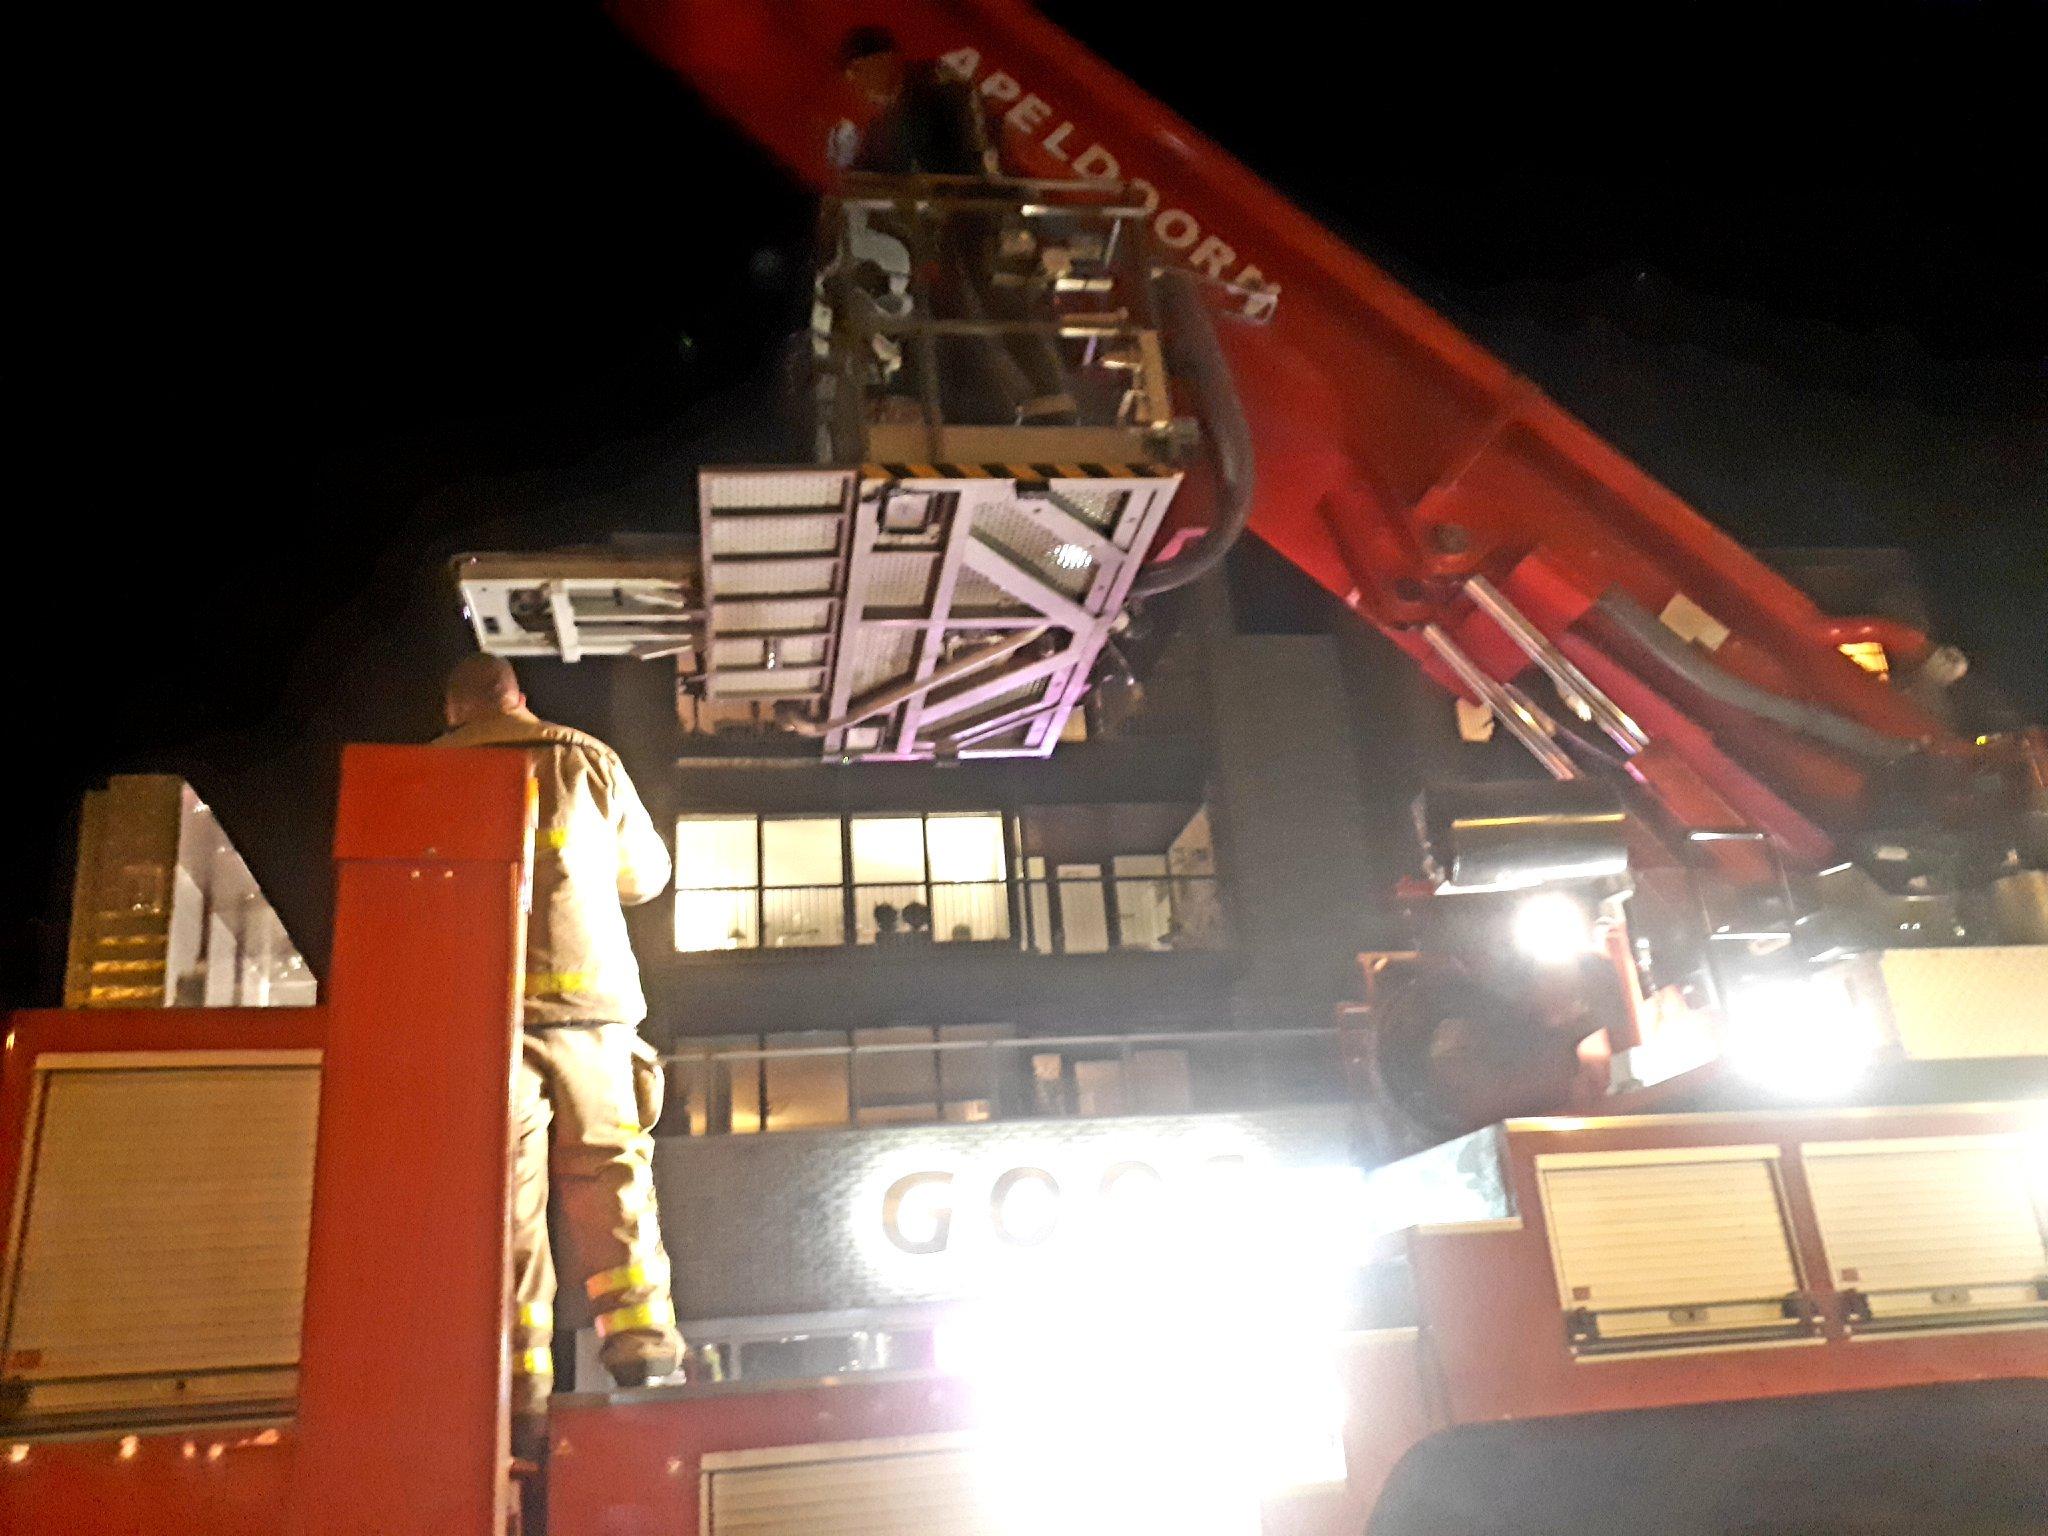 Brandweer verricht assistentie bij Ambulance met persoon. Oud veldzichtlaan #Apeldoorn  @BrandweerBbg @BrwApeldoorn https://t.co/tfHpbO9V6d